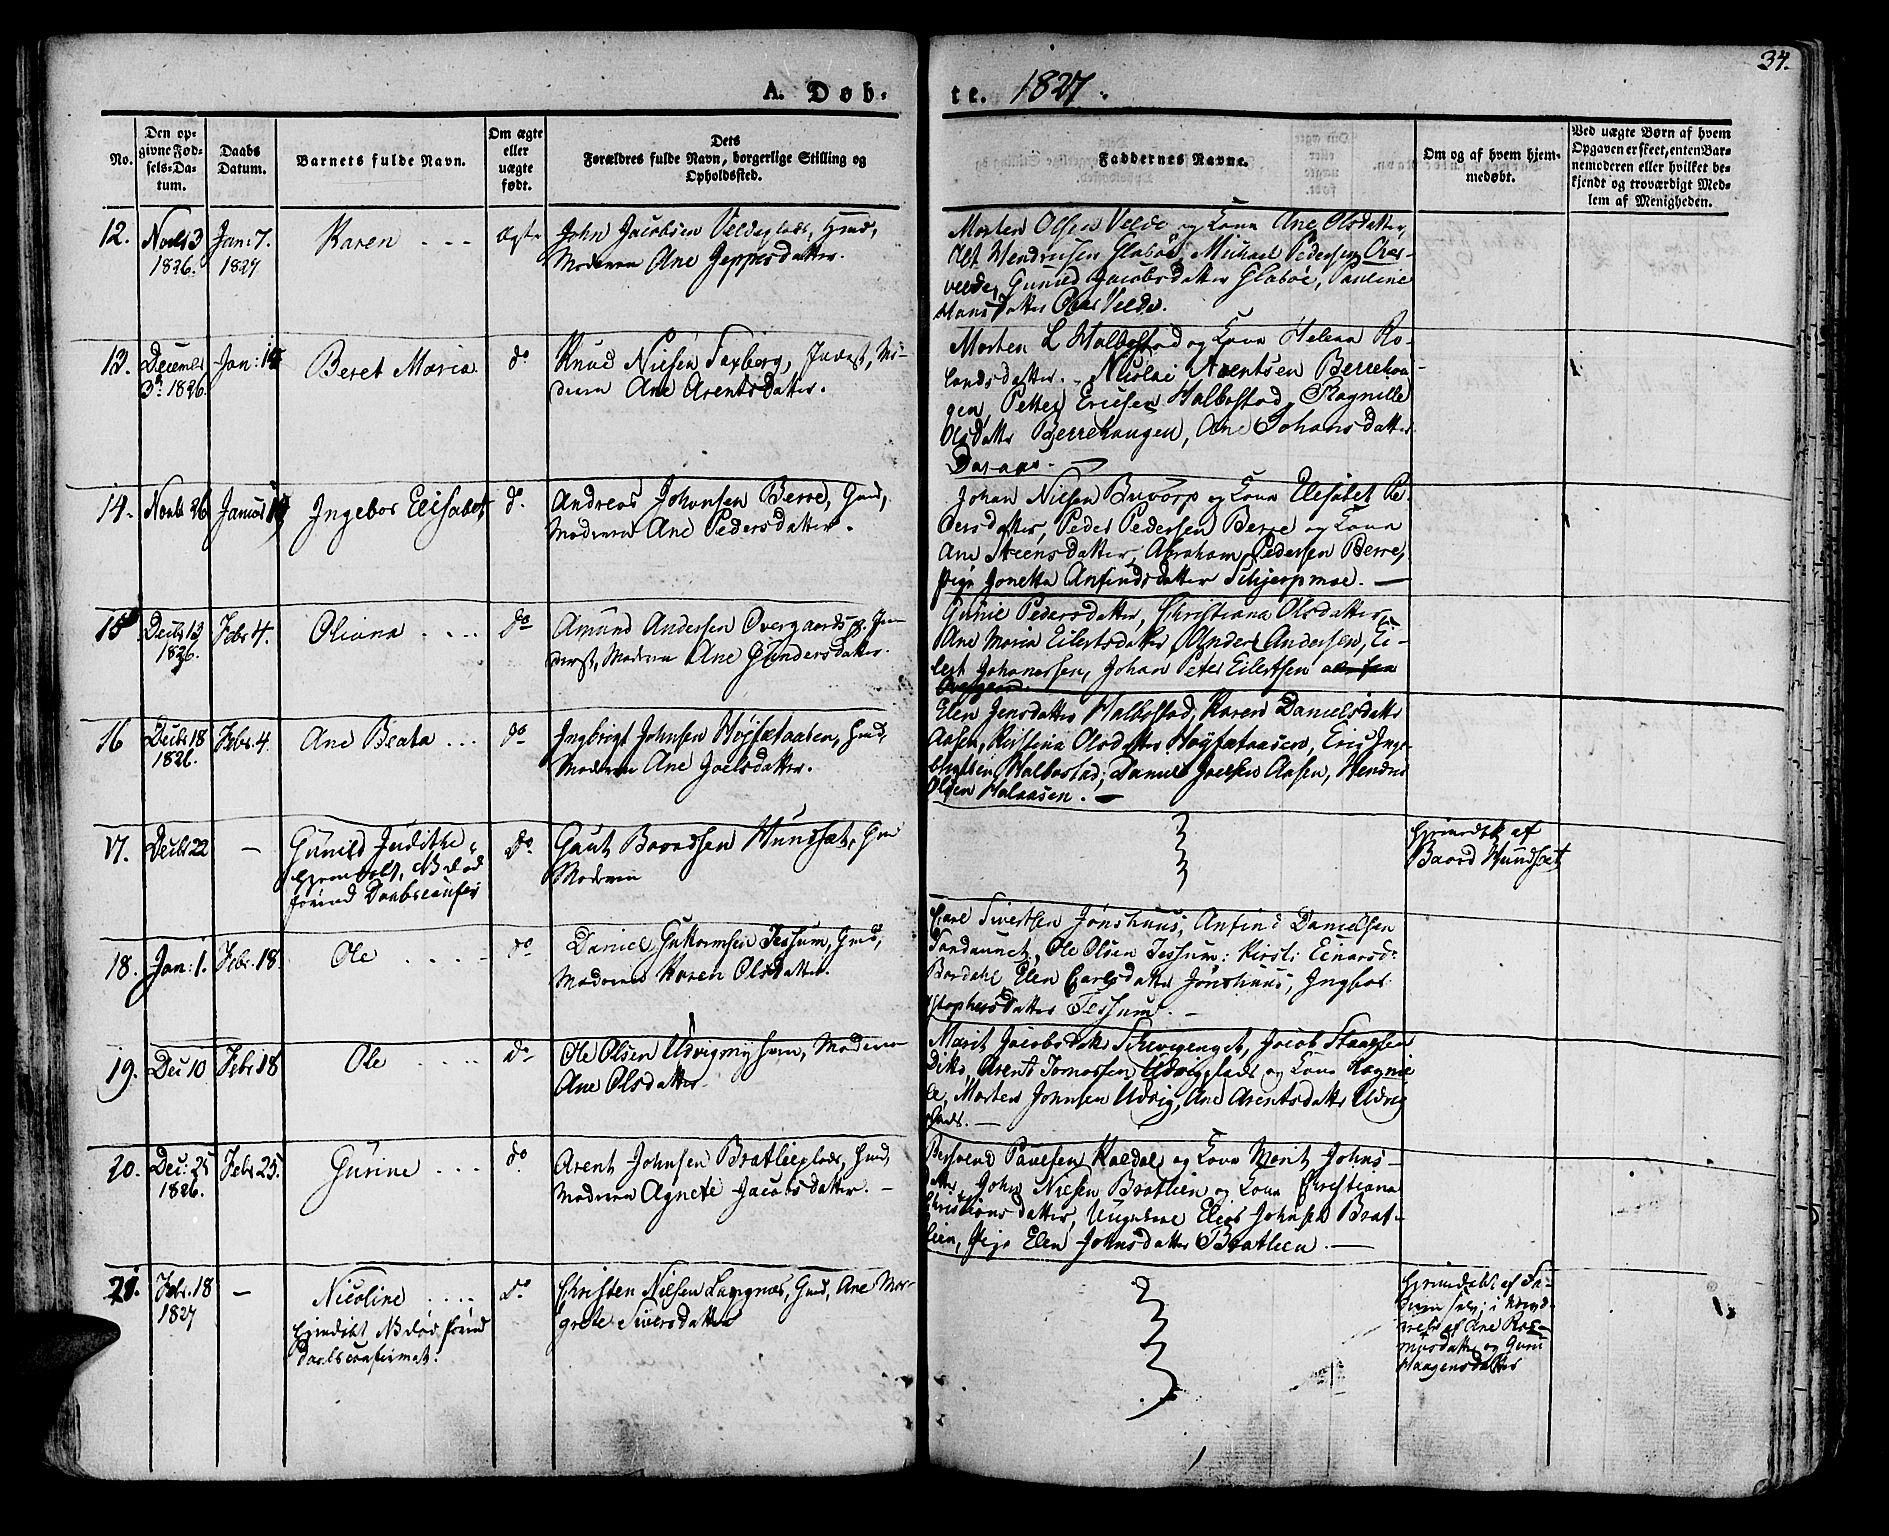 SAT, Ministerialprotokoller, klokkerbøker og fødselsregistre - Nord-Trøndelag, 741/L0390: Ministerialbok nr. 741A04, 1822-1836, s. 34